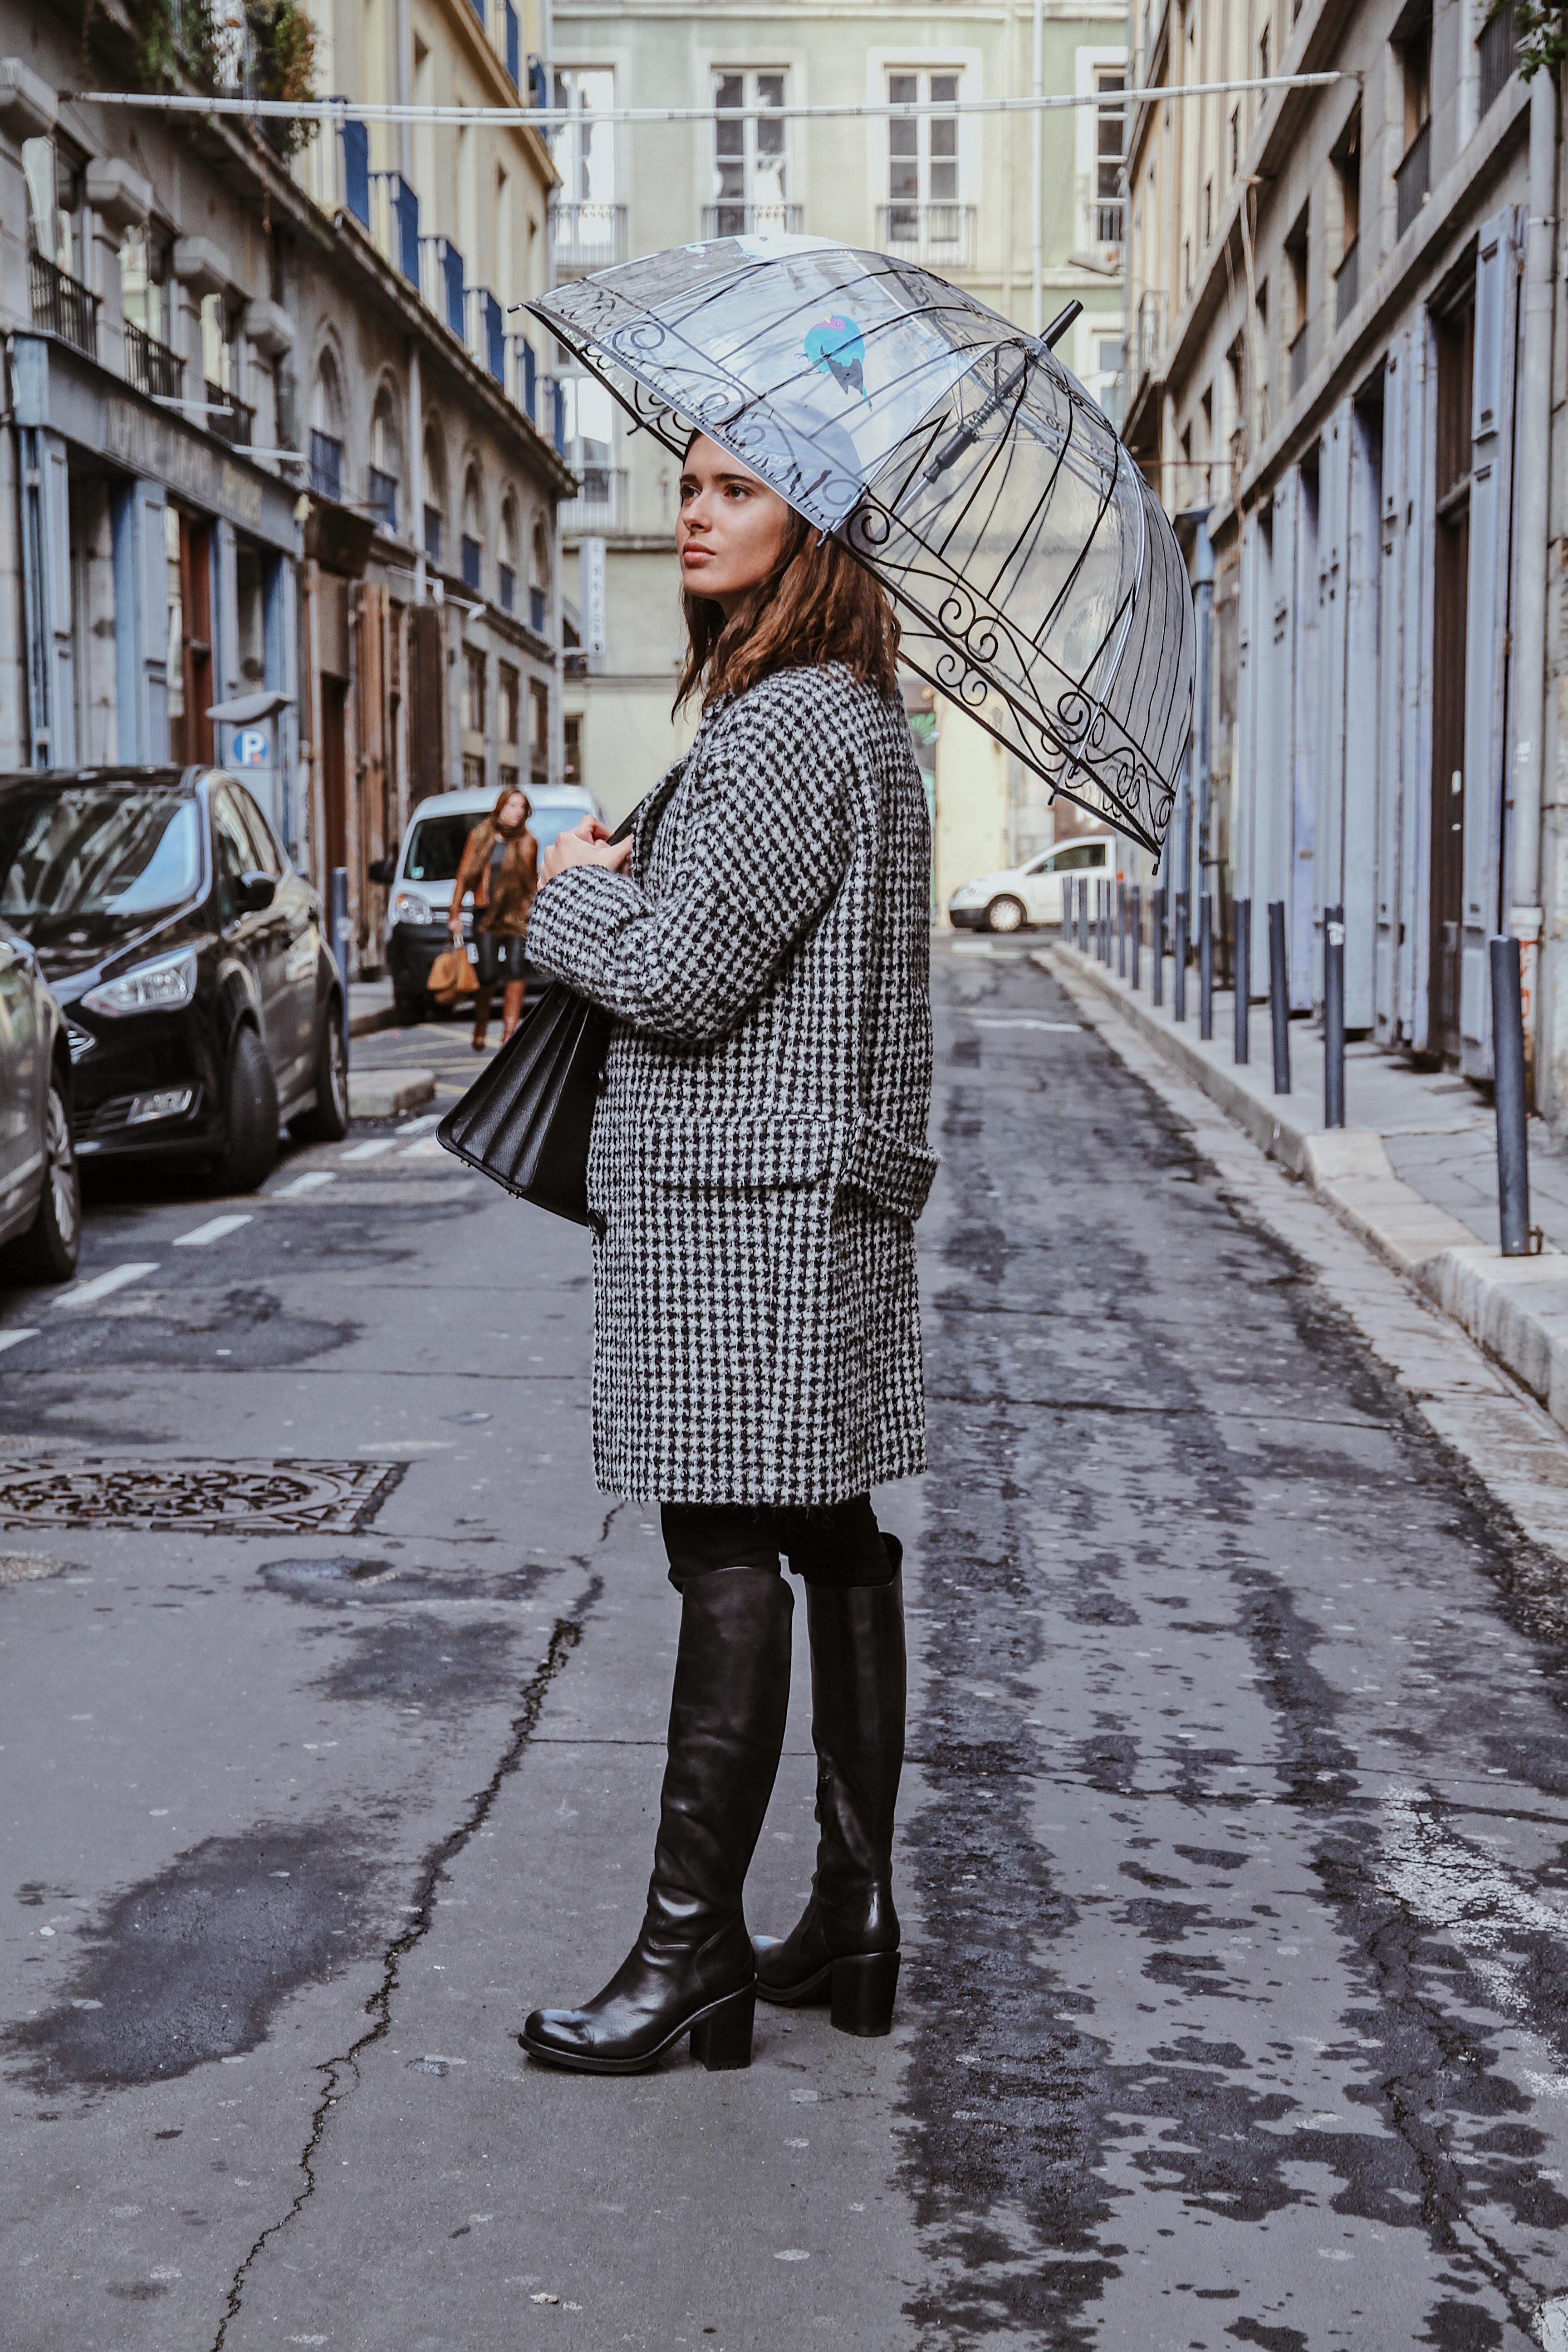 Barbara Borne Et Poule Mode Lifestyle Pied Blog De Manteau zwqxSItBn